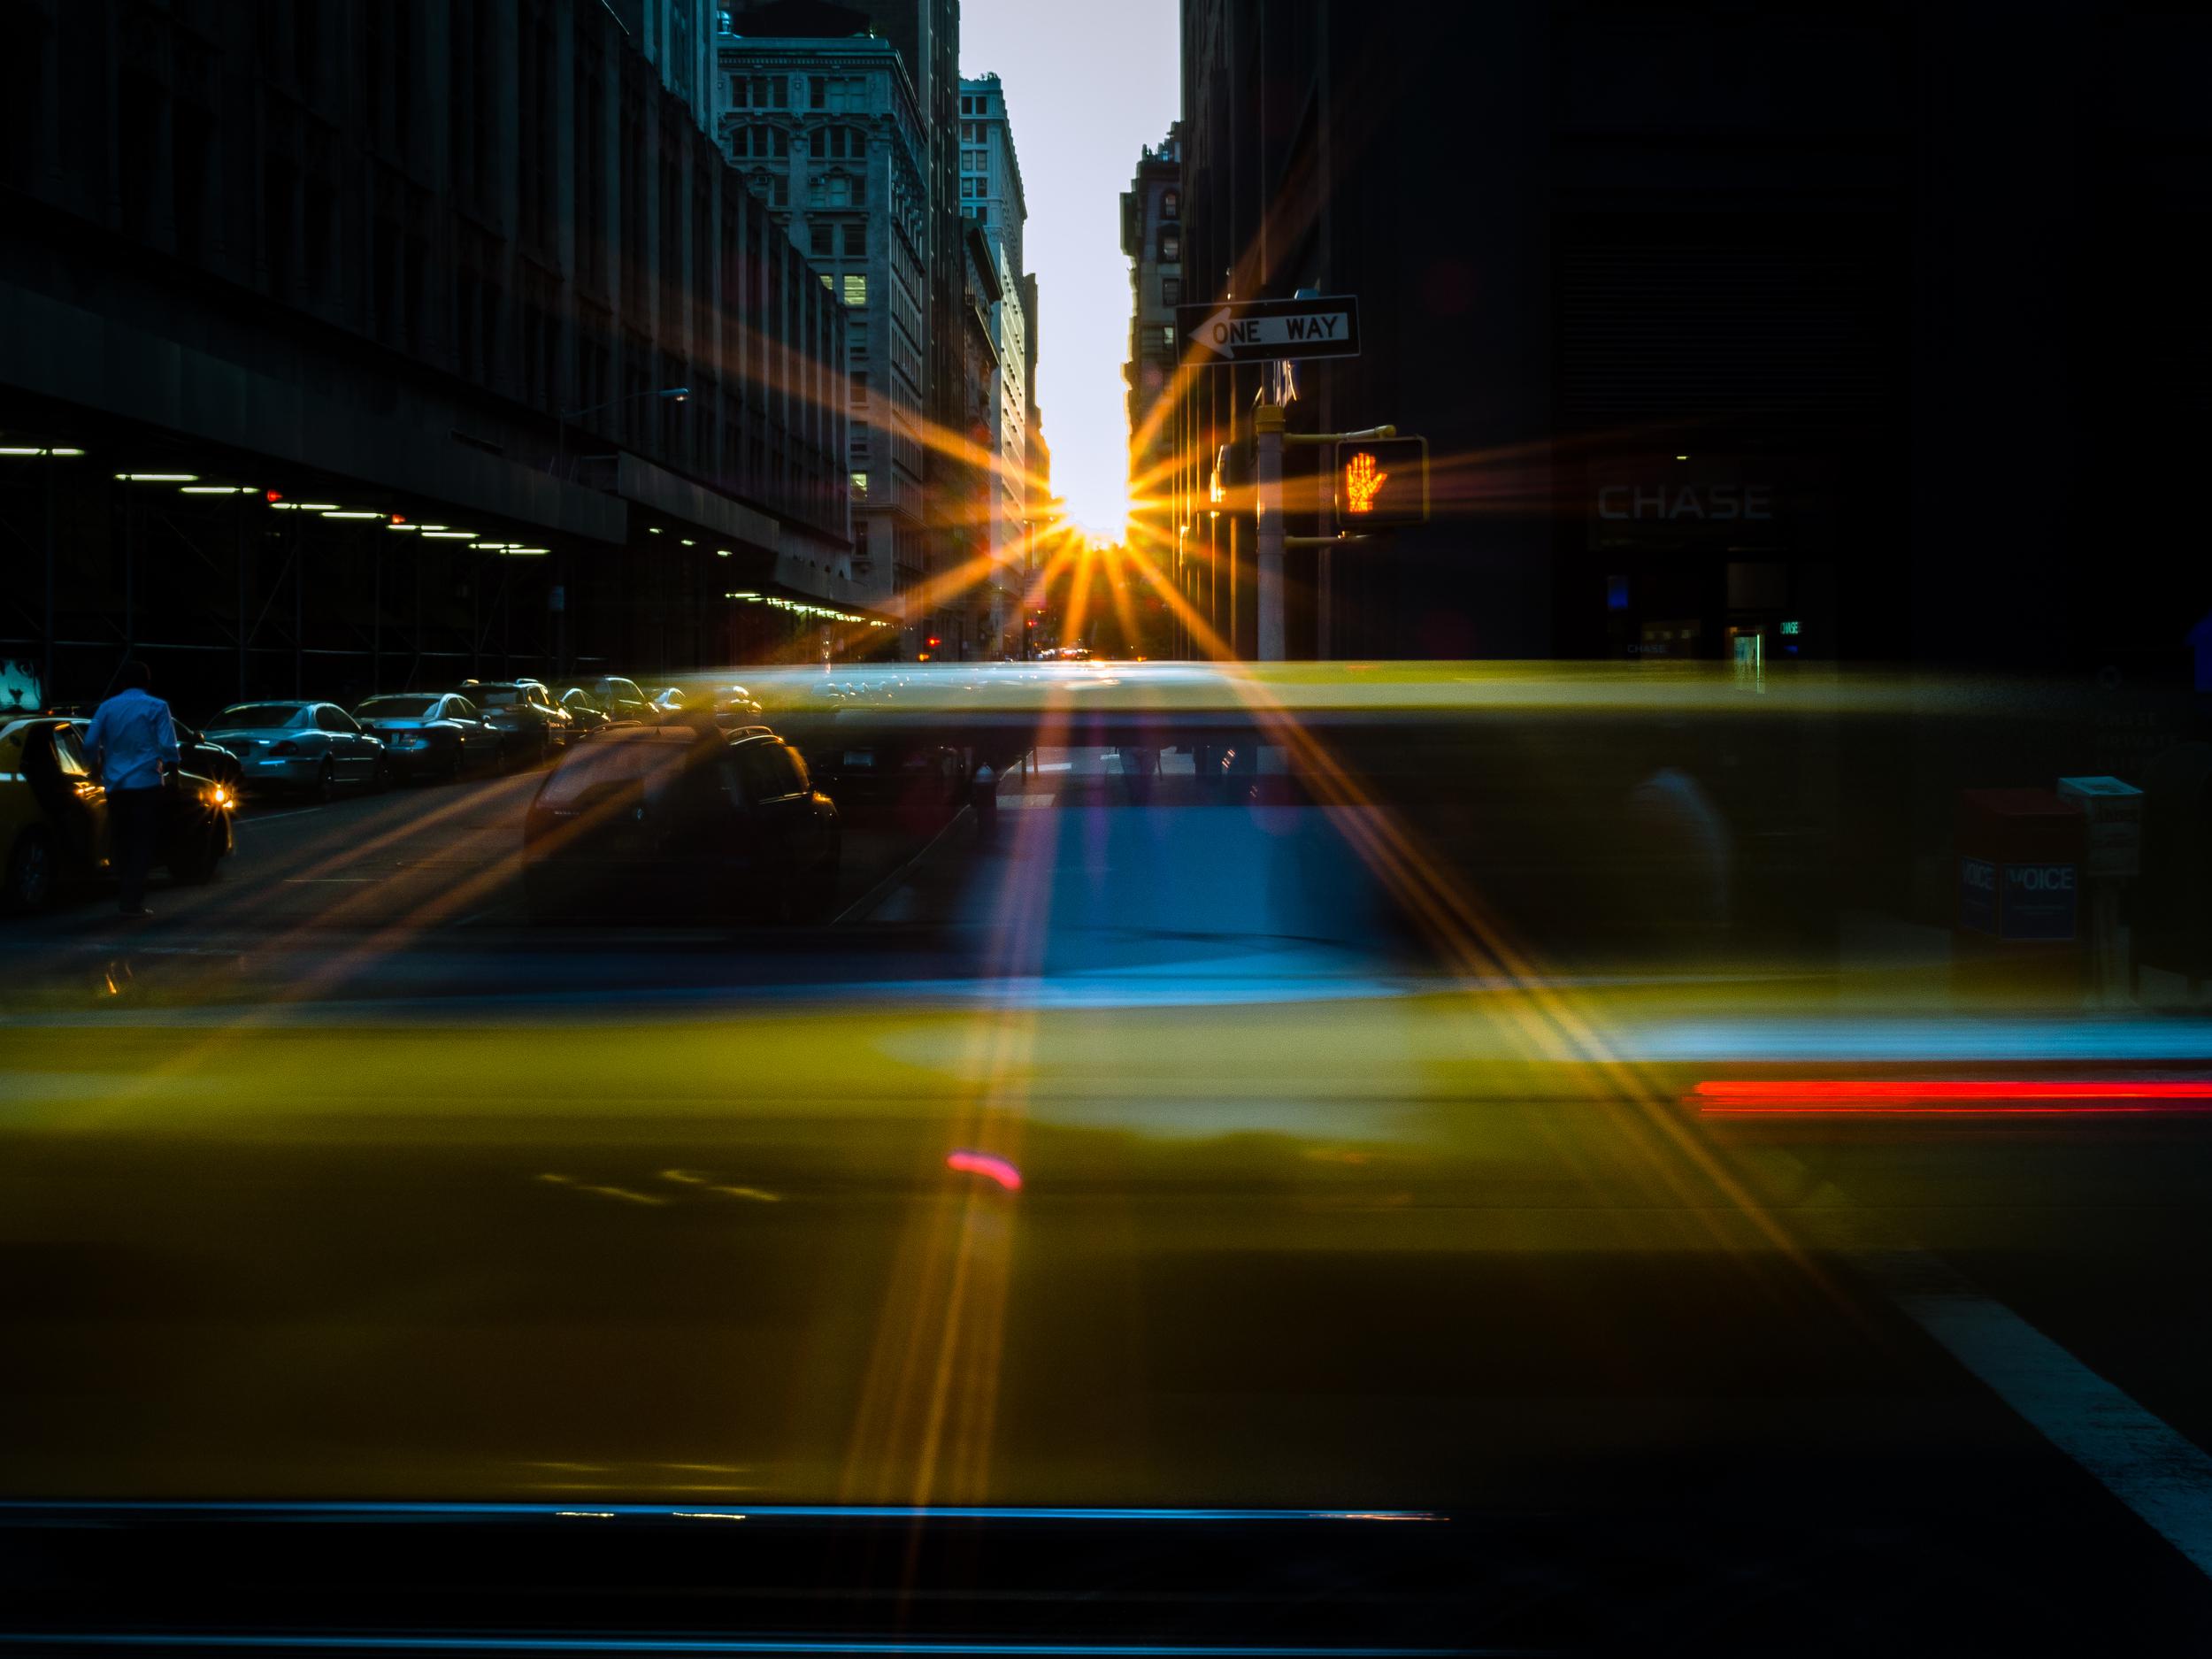 Manhattanage phenomena, New York City